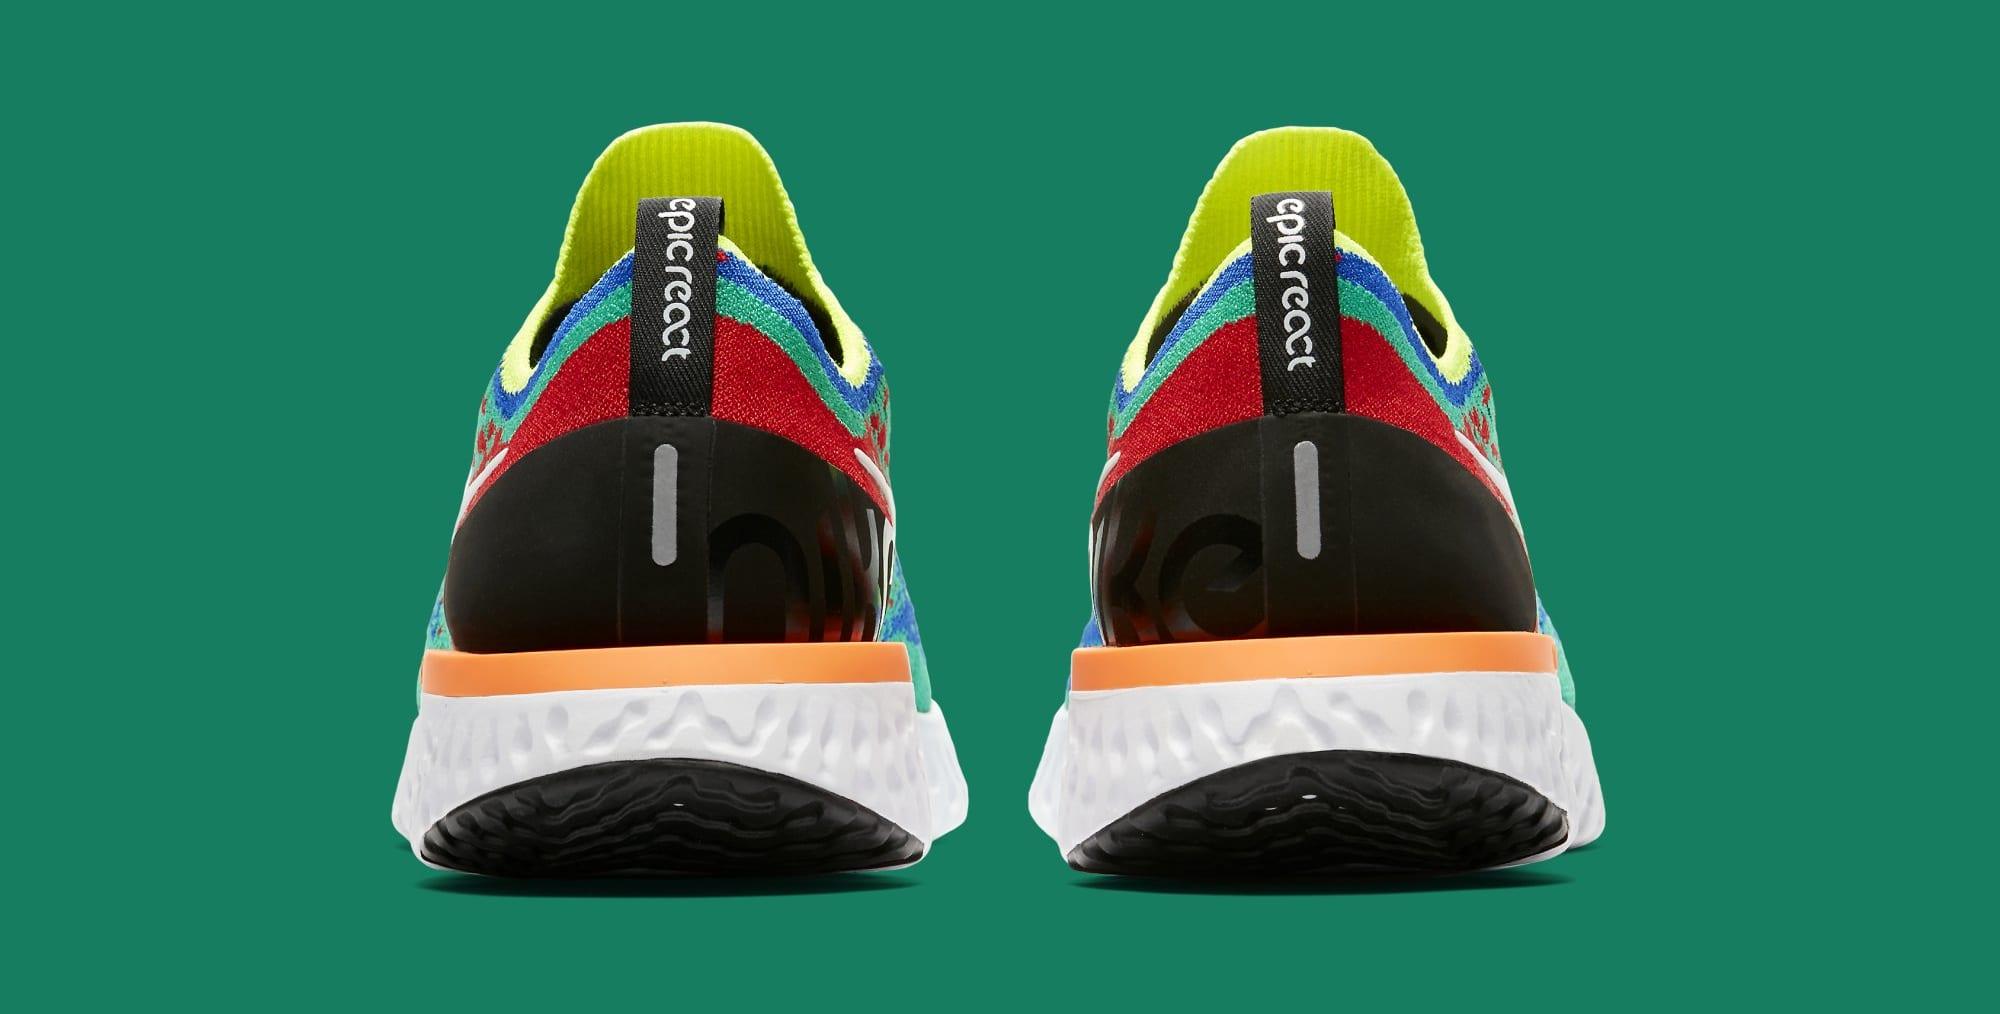 Nike Epic React Flyknit AT0054-700 (Heel)